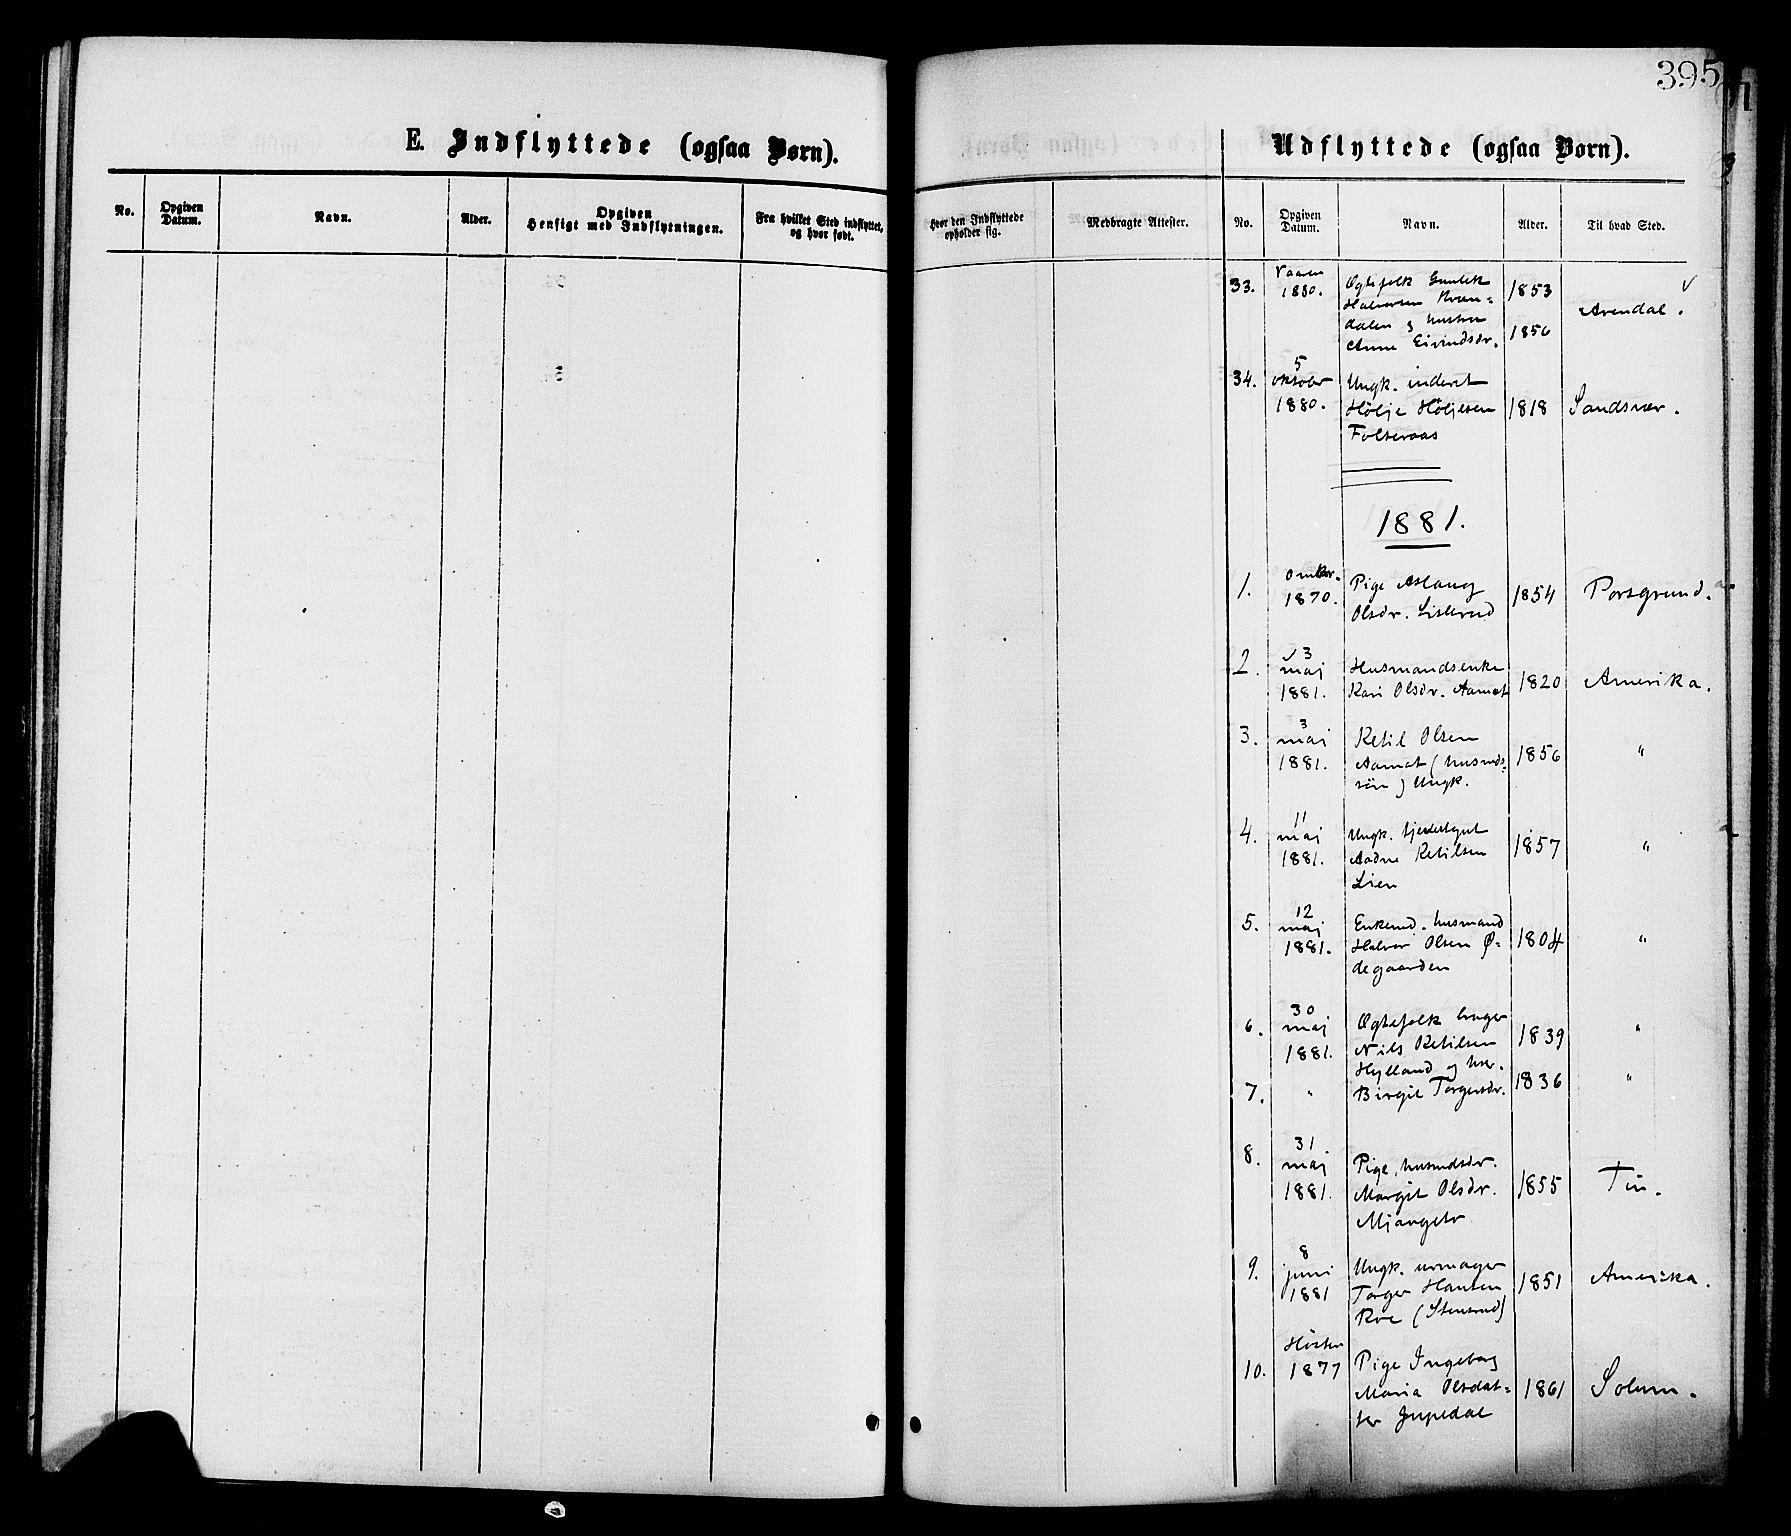 SAKO, Gransherad kirkebøker, F/Fa/L0004: Ministerialbok nr. I 4, 1871-1886, s. 395